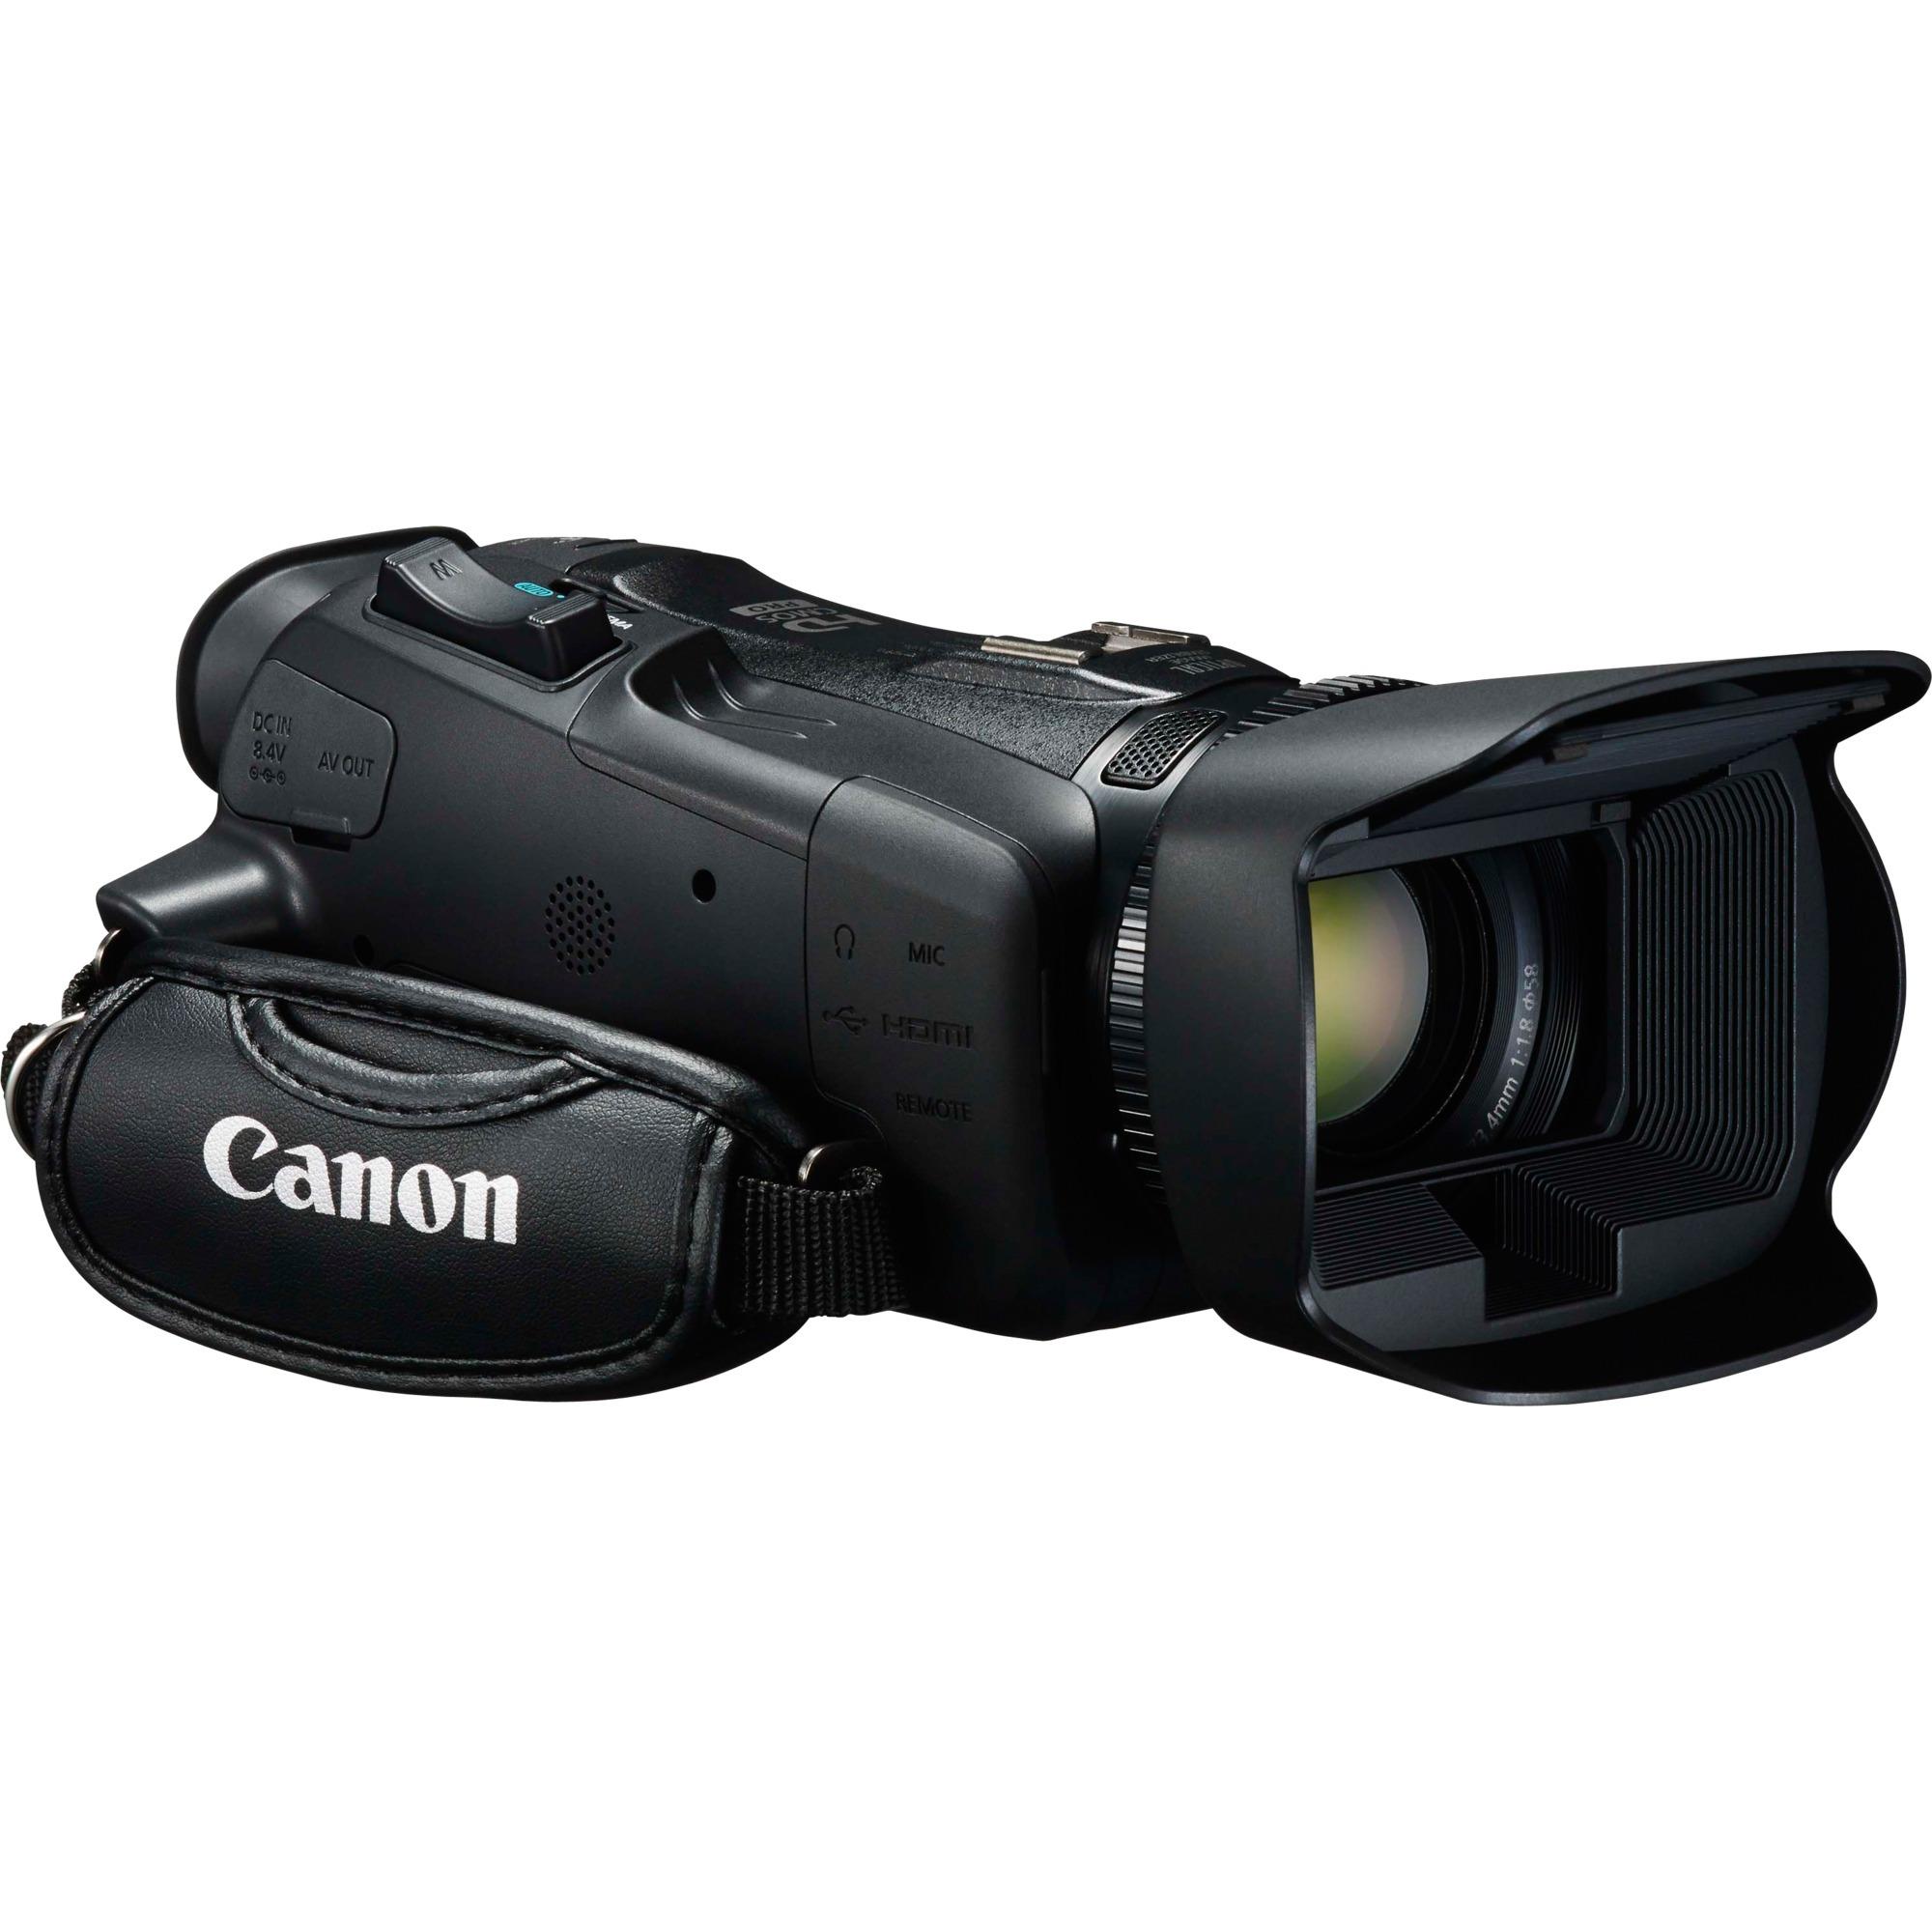 LEGRIA HF G40 Caméscope portatif 3.09MP CMOS Full HD Noir, Caméra vidéo